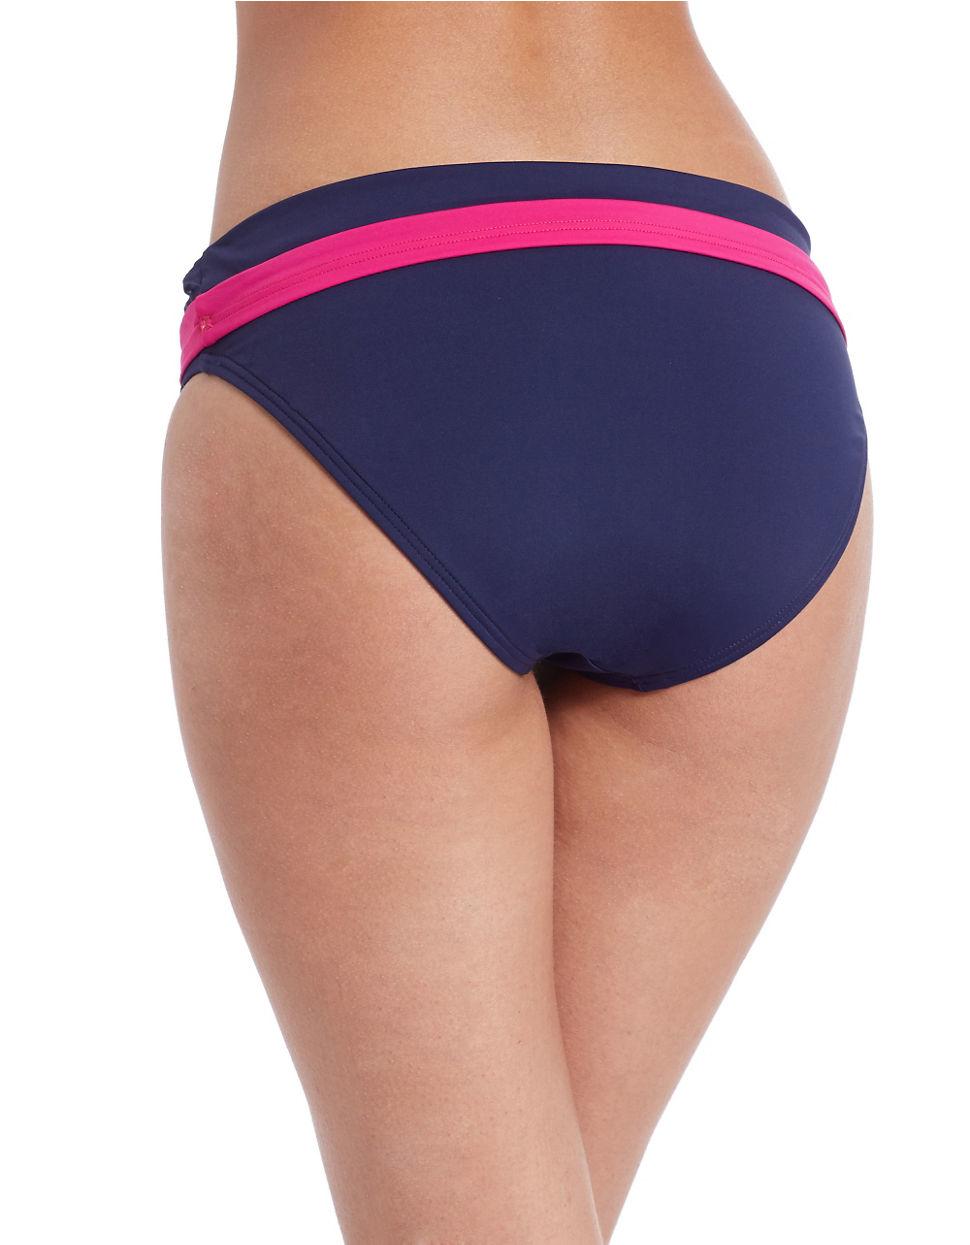 hipster bottom bikini